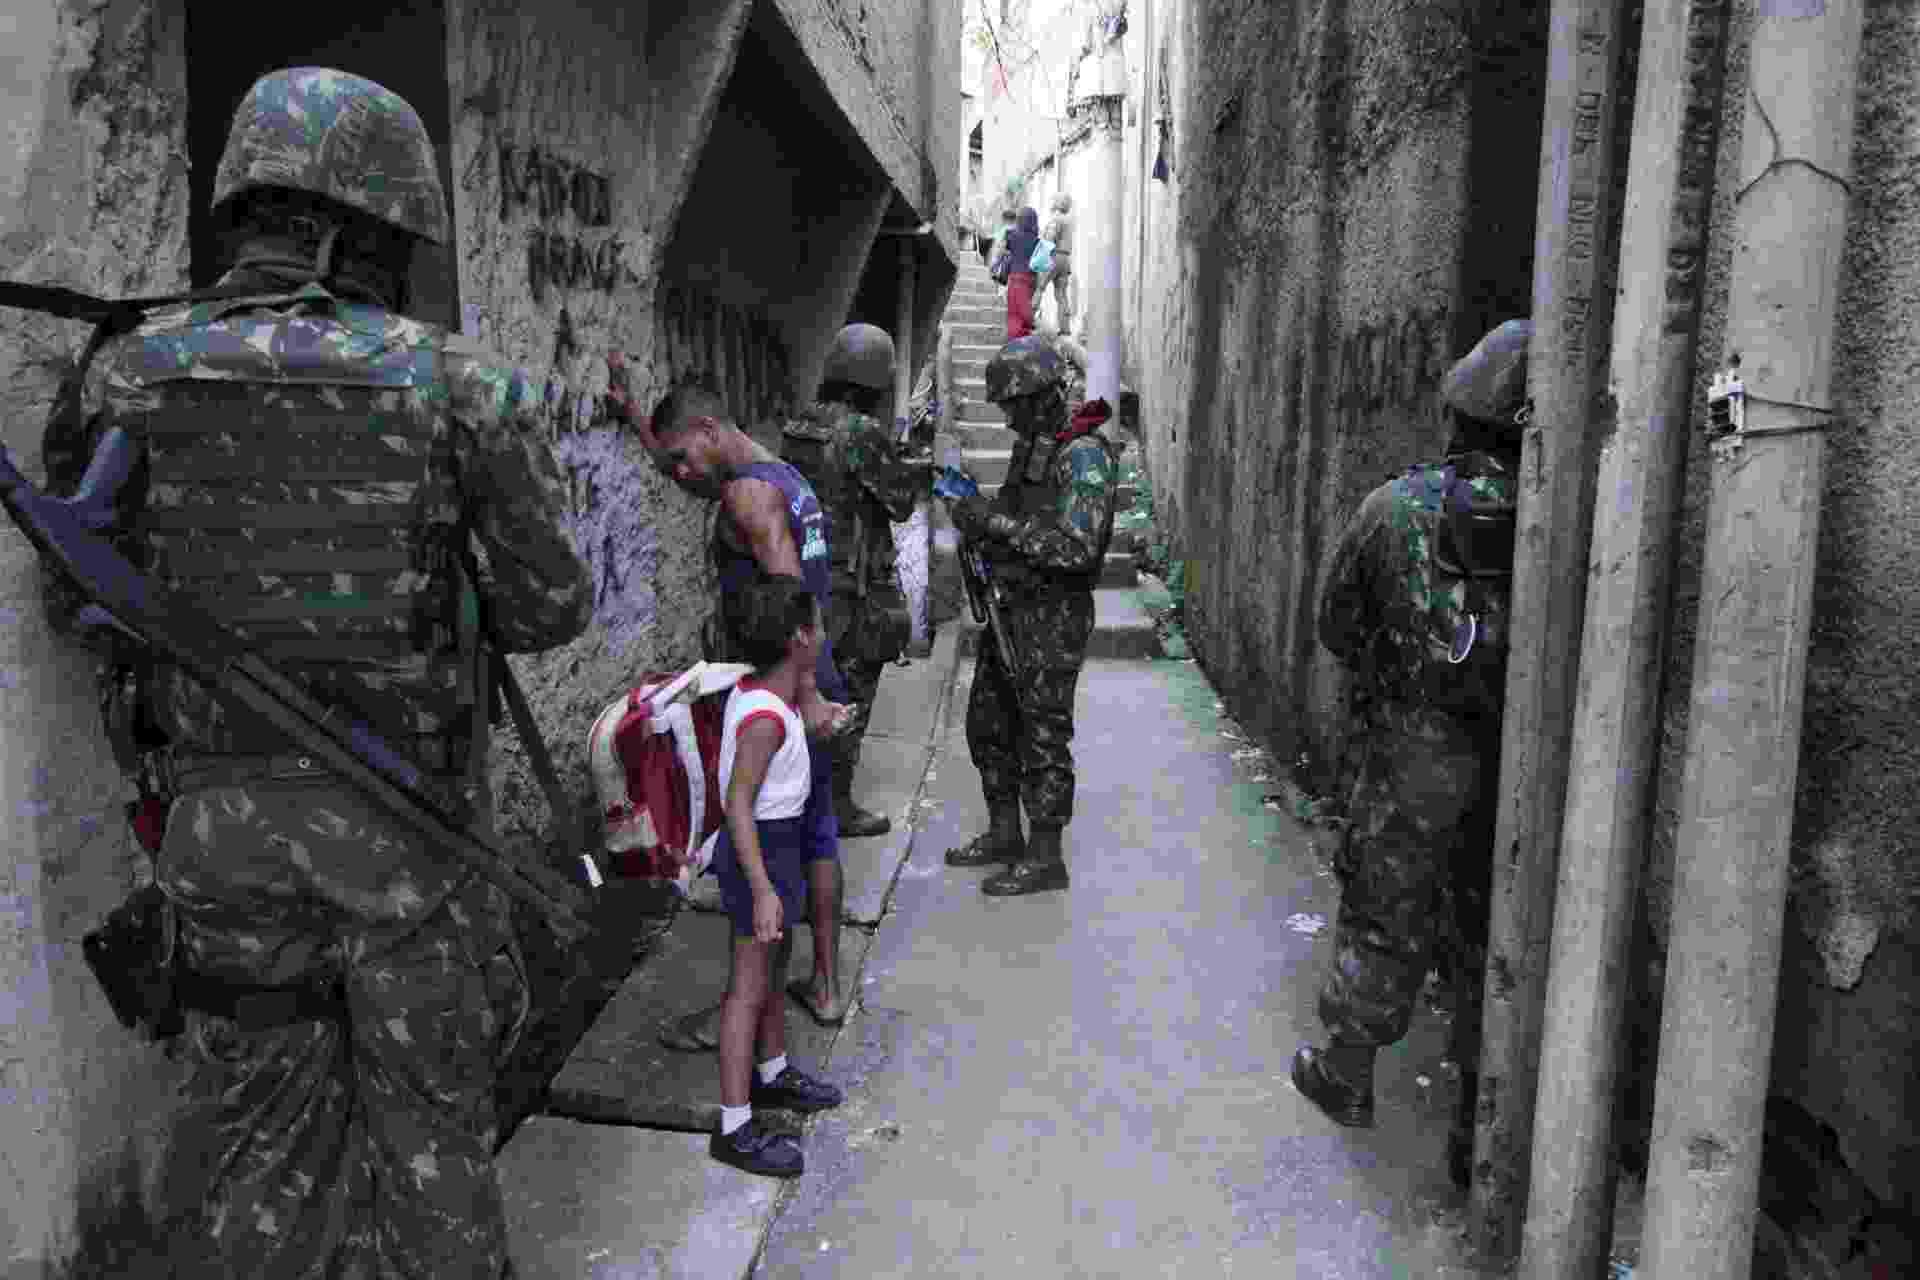 27.mar.2018 - Homens do Exército e das polícias do Rio fazem uma operação em comunidades do Lins de Vasconcelos, na zona norte do Rio de Janeiro - Jose Lucena/Futura Press/Estadão Conteúdo